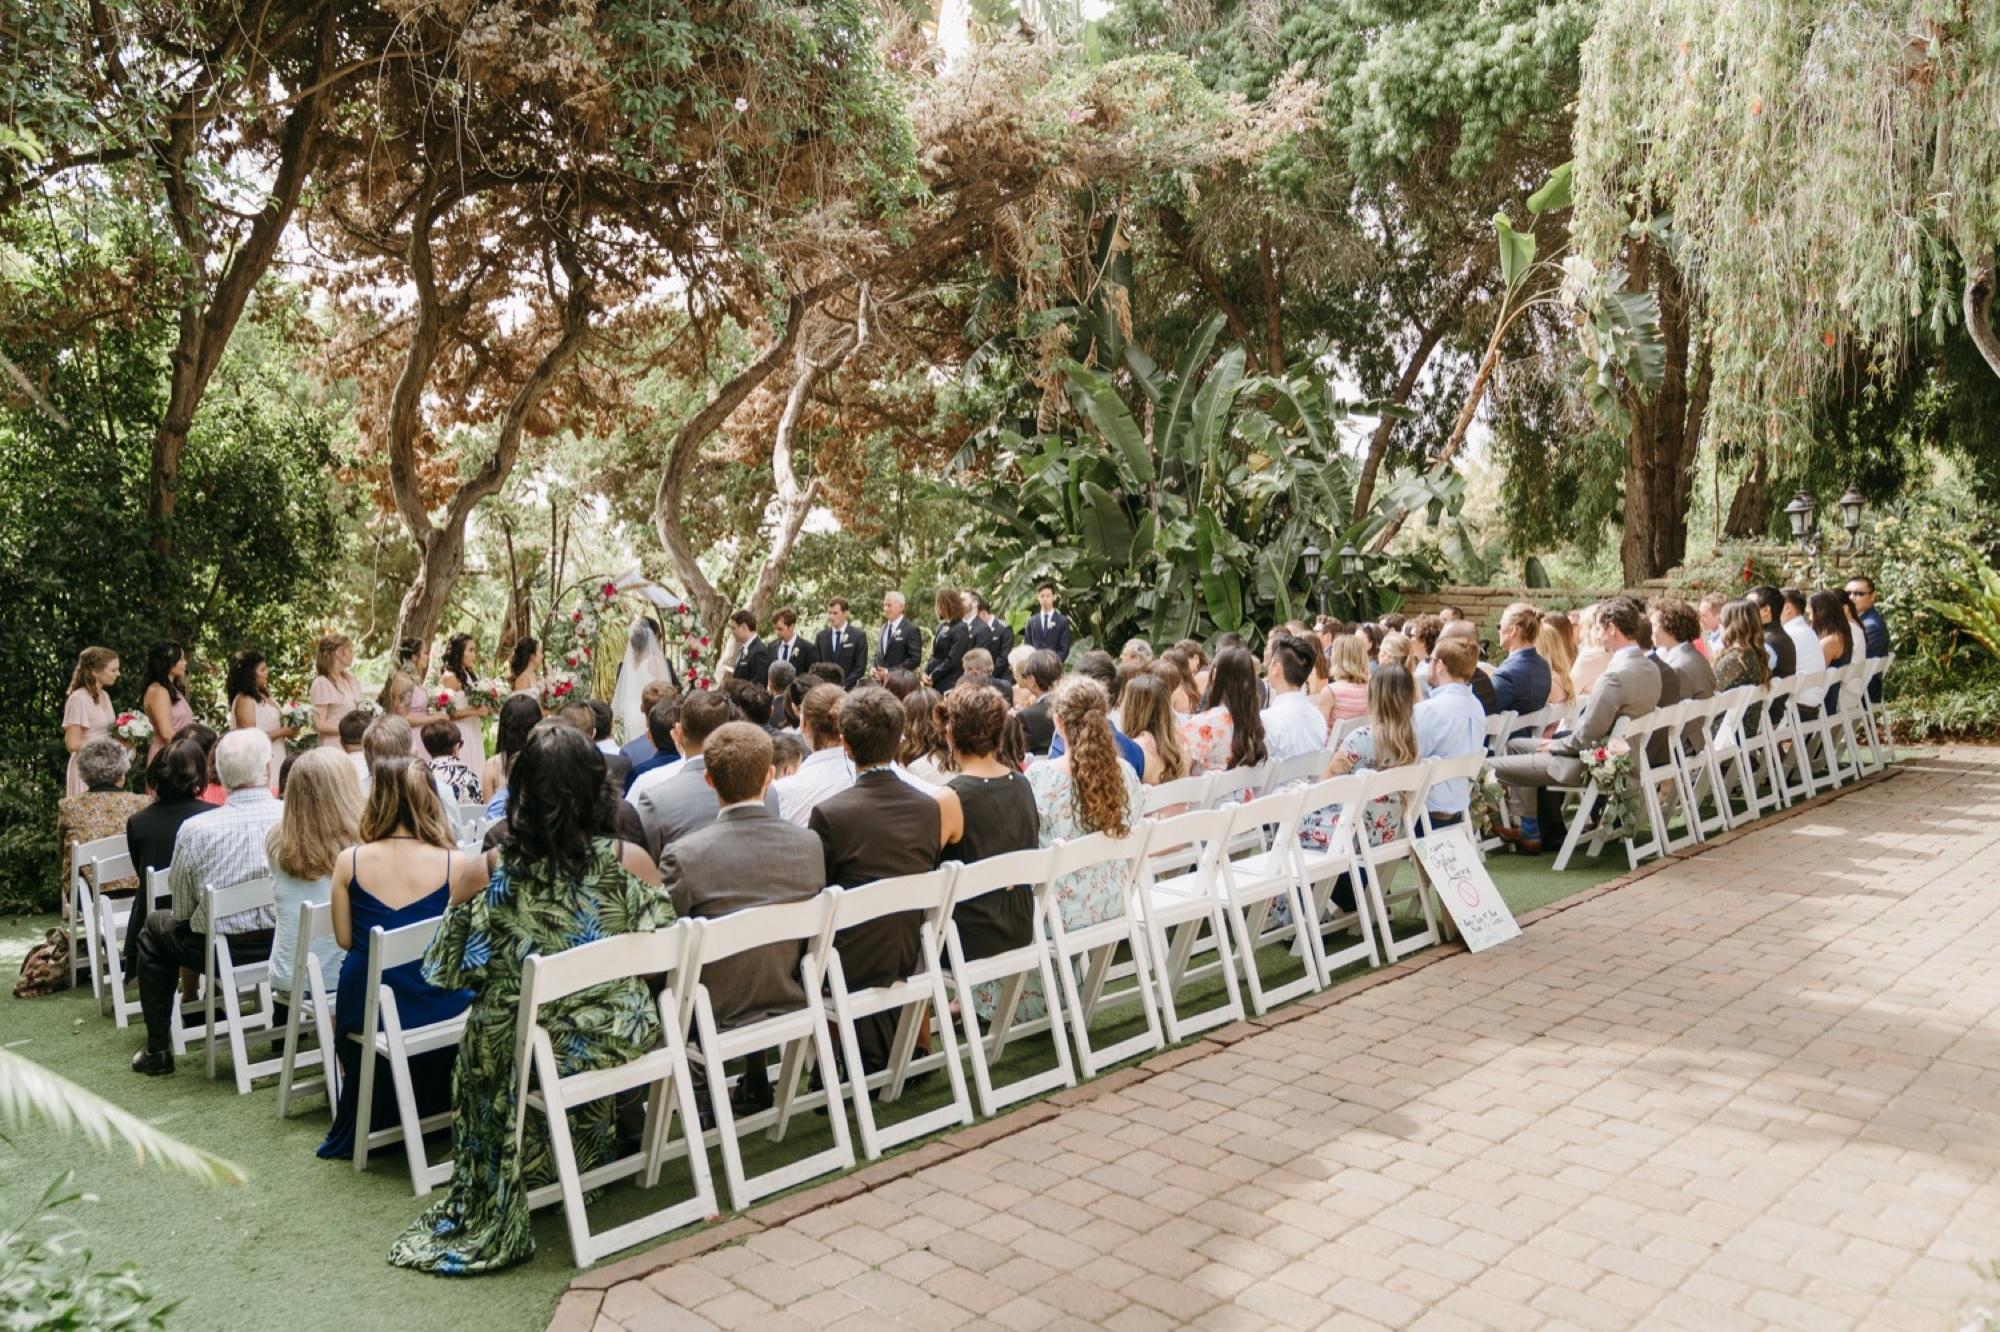 035_Shawna and Steve's Wedding-201.jpg